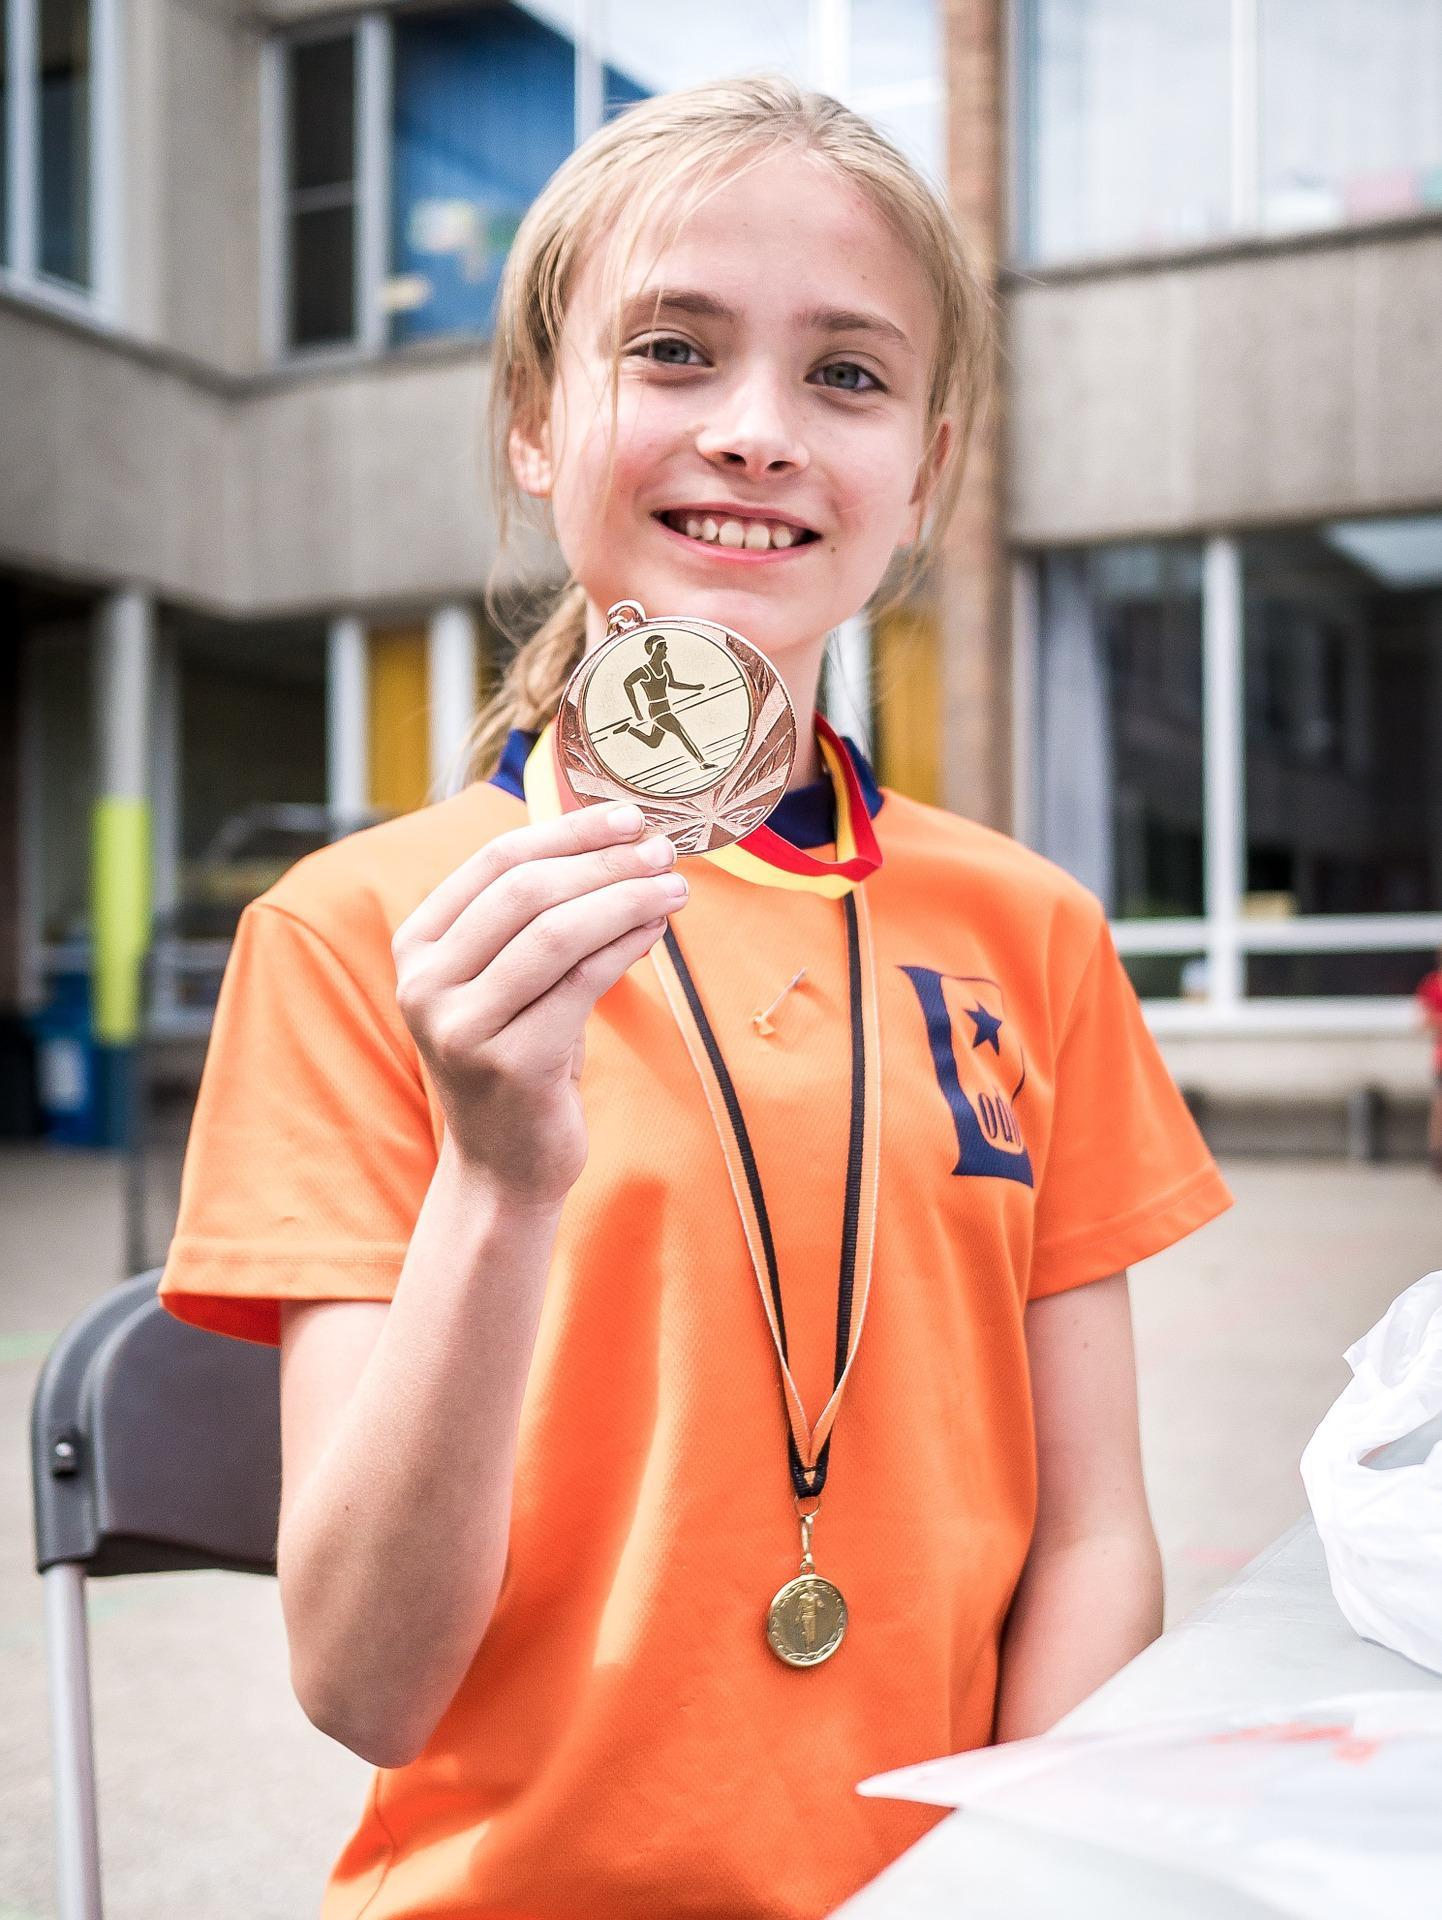 Niña con medalla deportiva